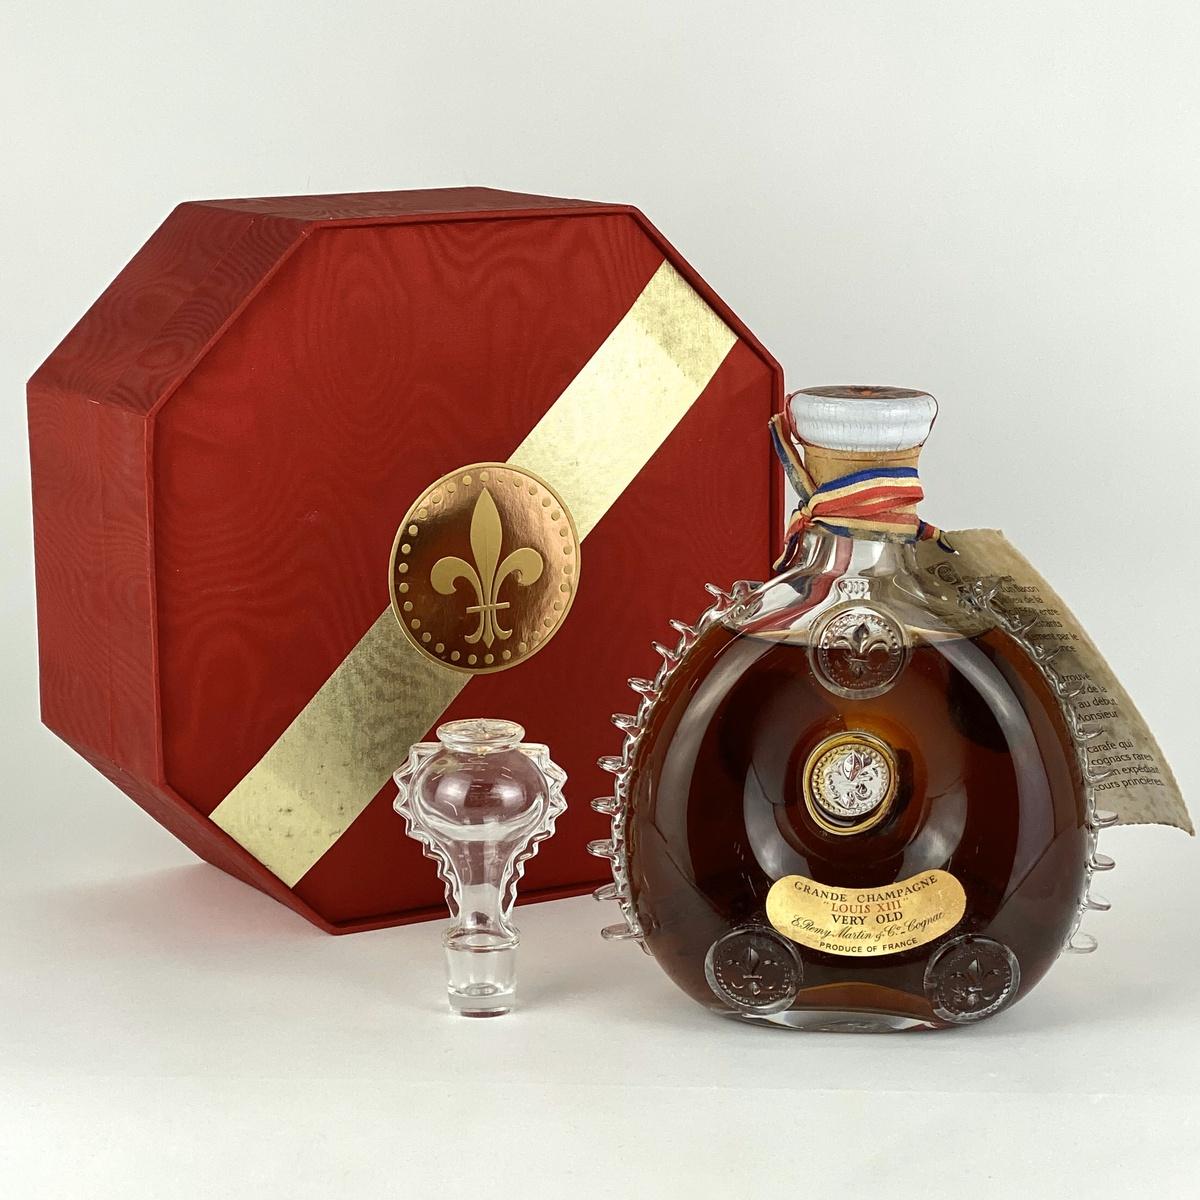 レミーマルタン REMY MARTIN ルイ13世 ベリーオールド 八角形箱 700ml ブランデー コニャック 【古酒】